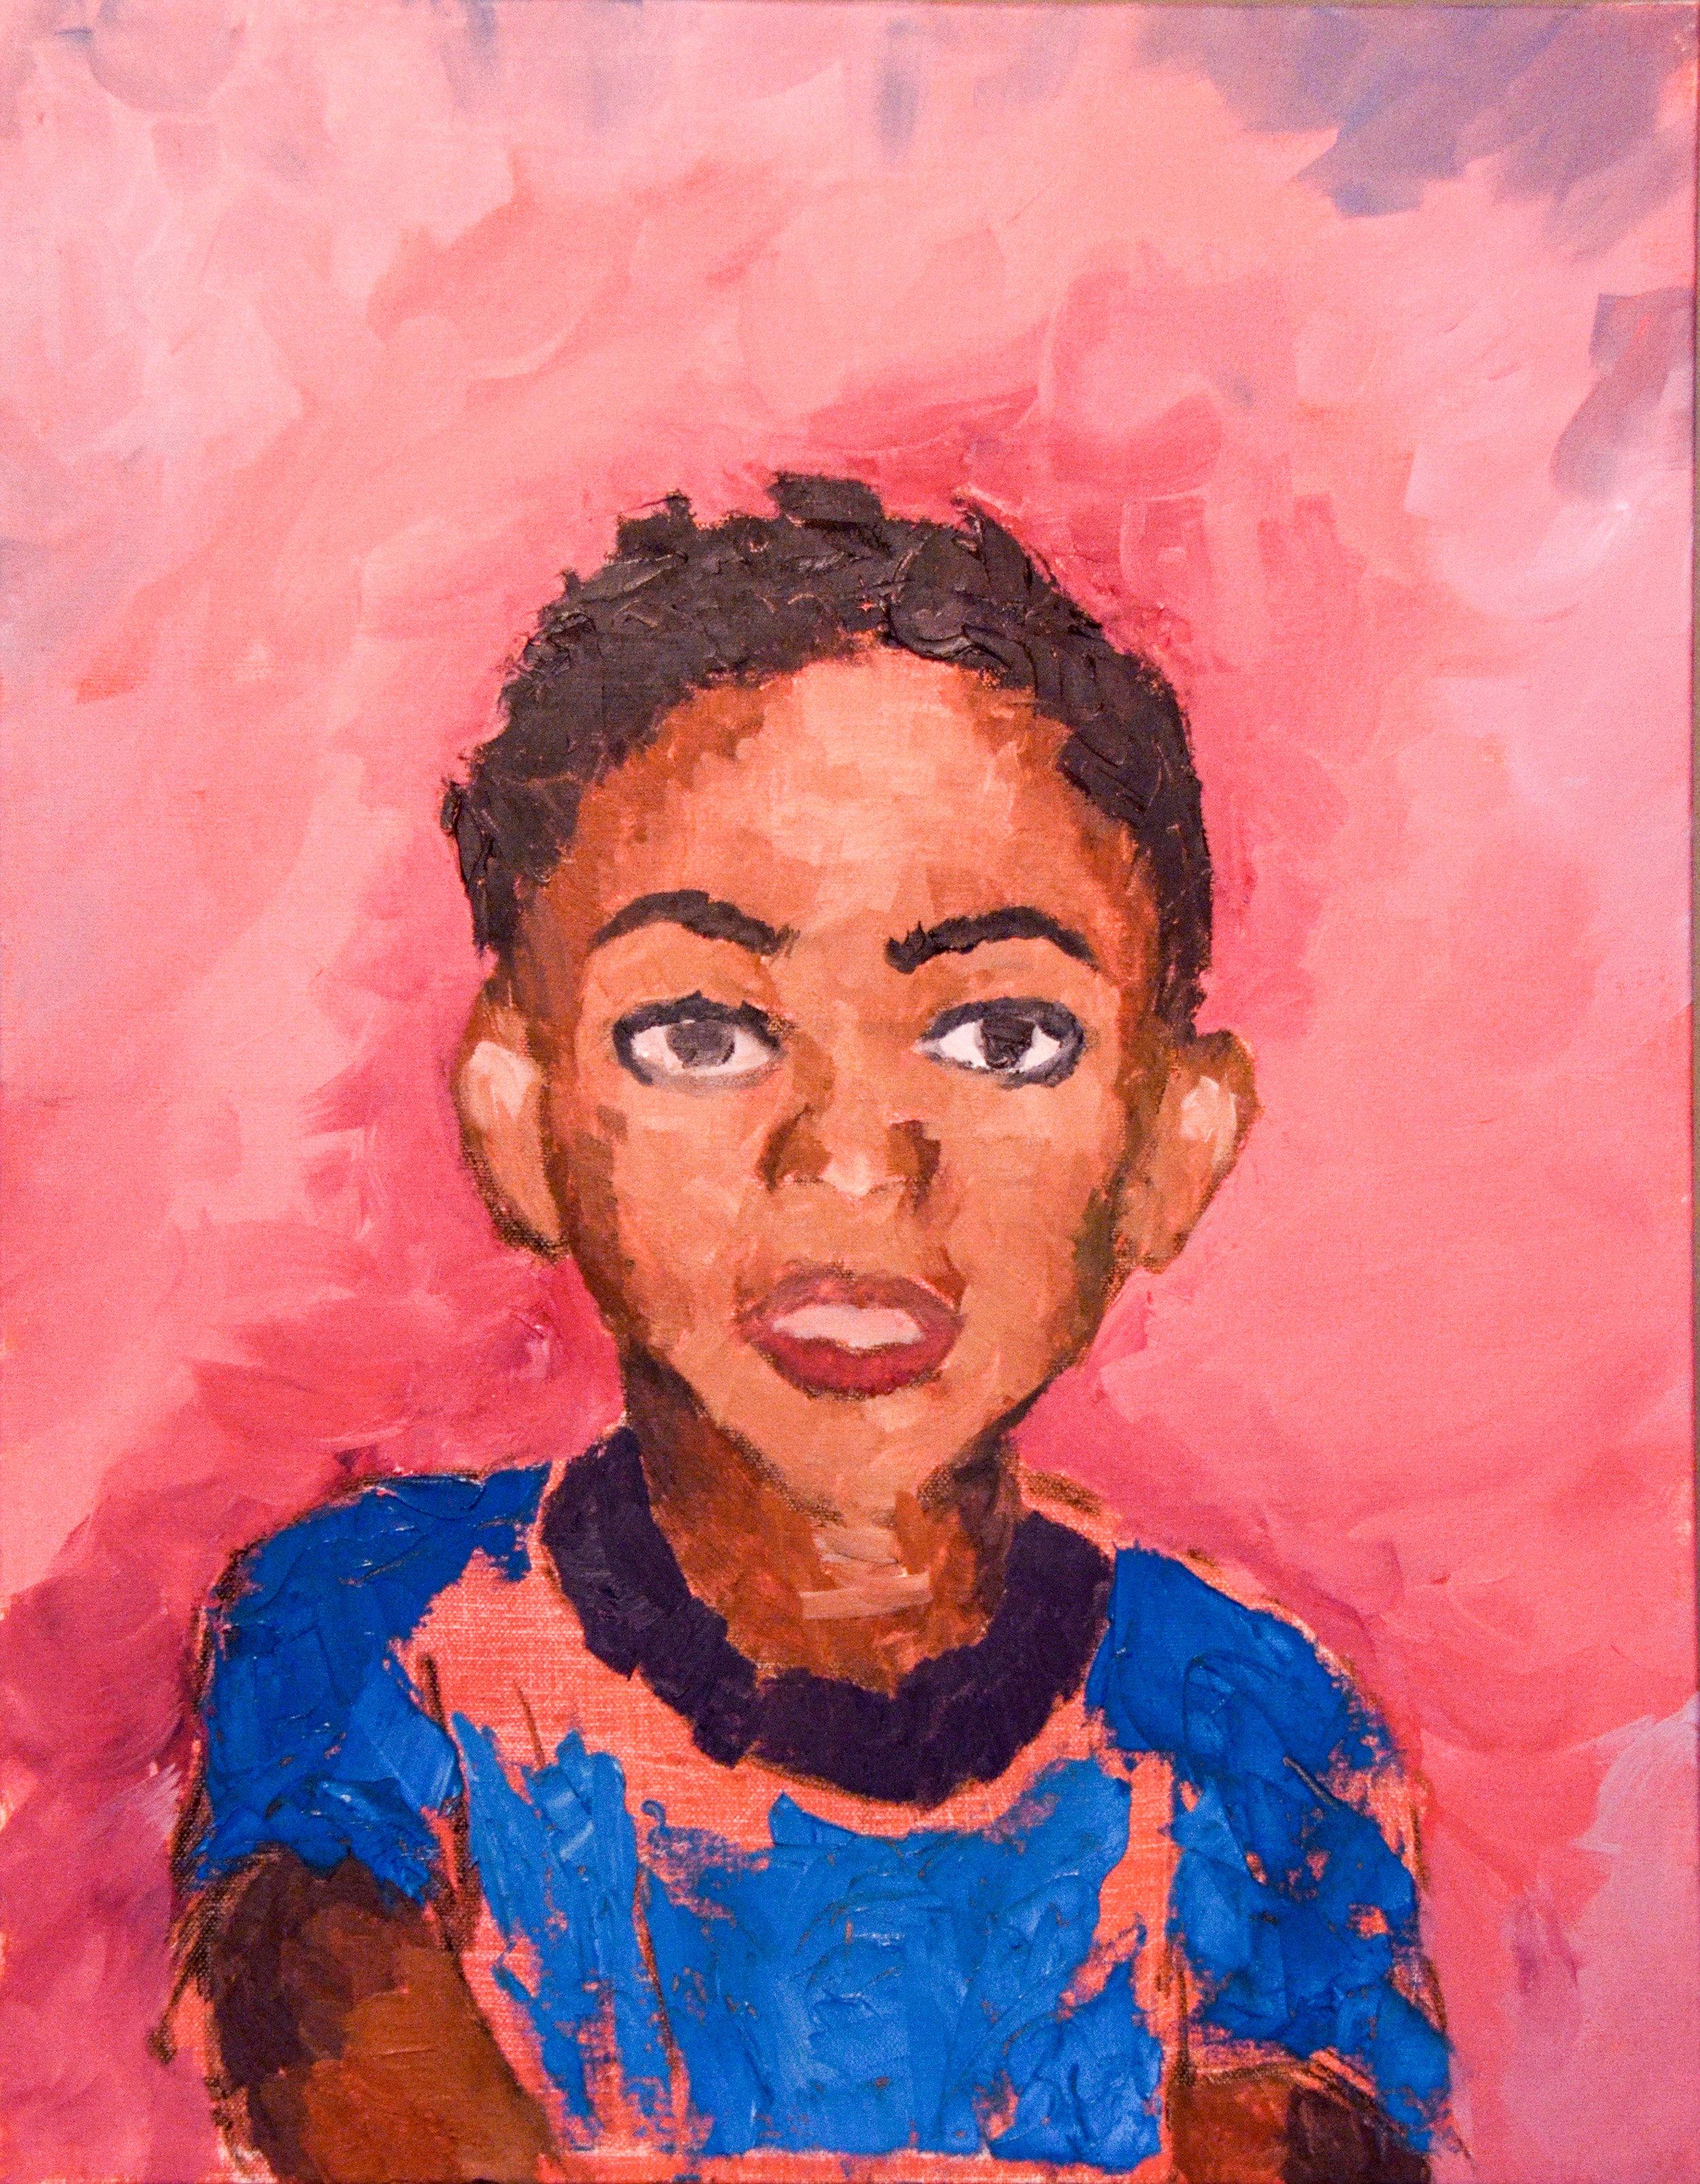 adam-child-trio_25794691731_o.jpg